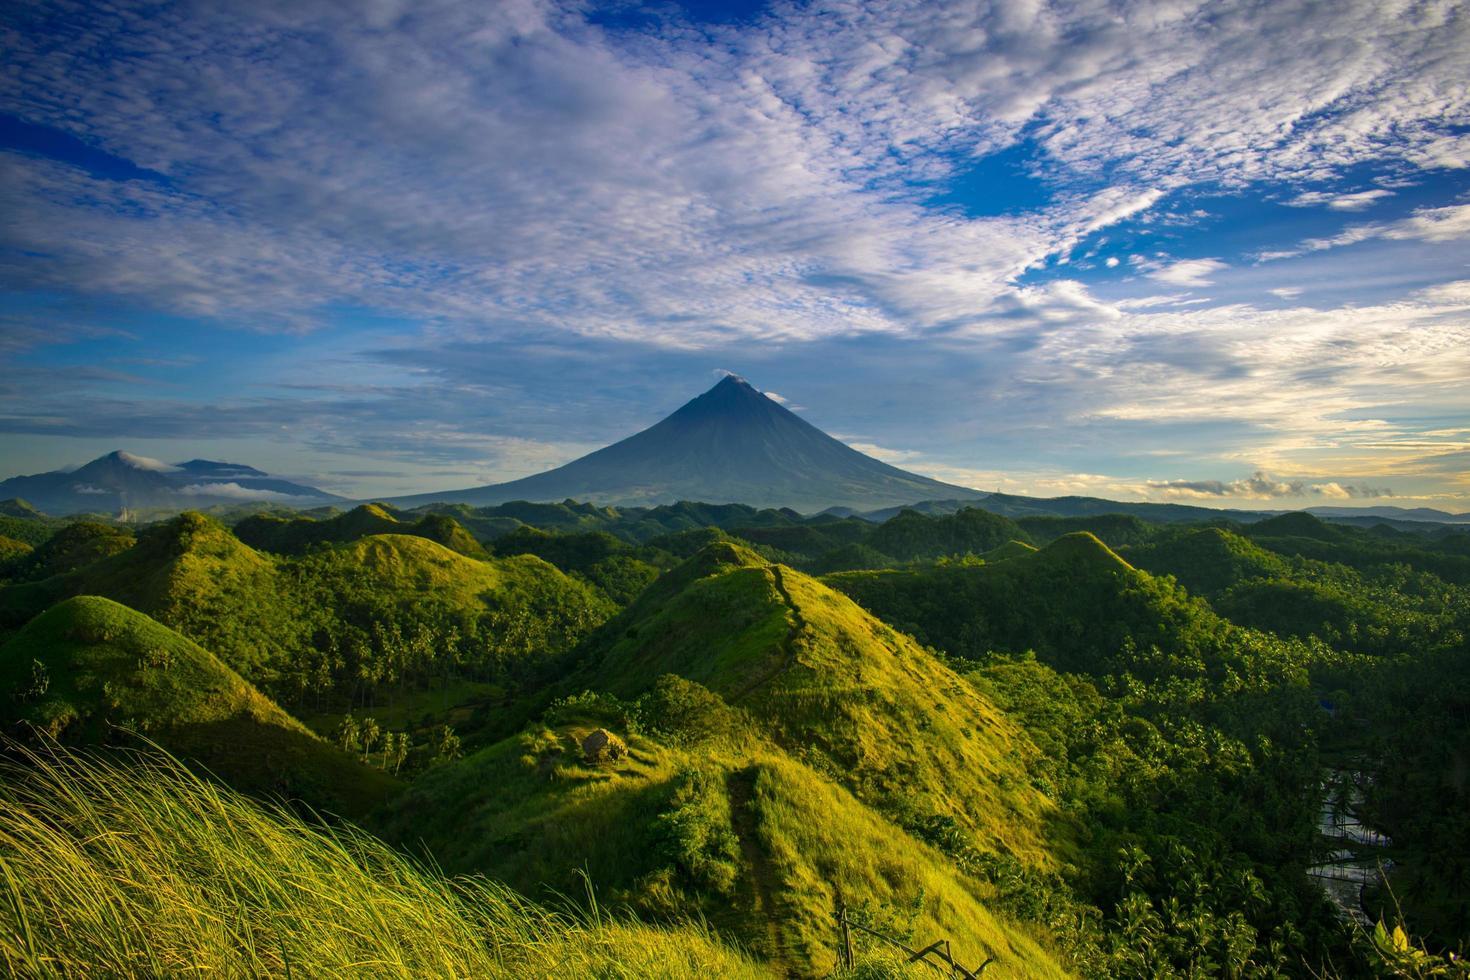 vue panoramique sur la montagne et les collines couvertes d'herbe photo